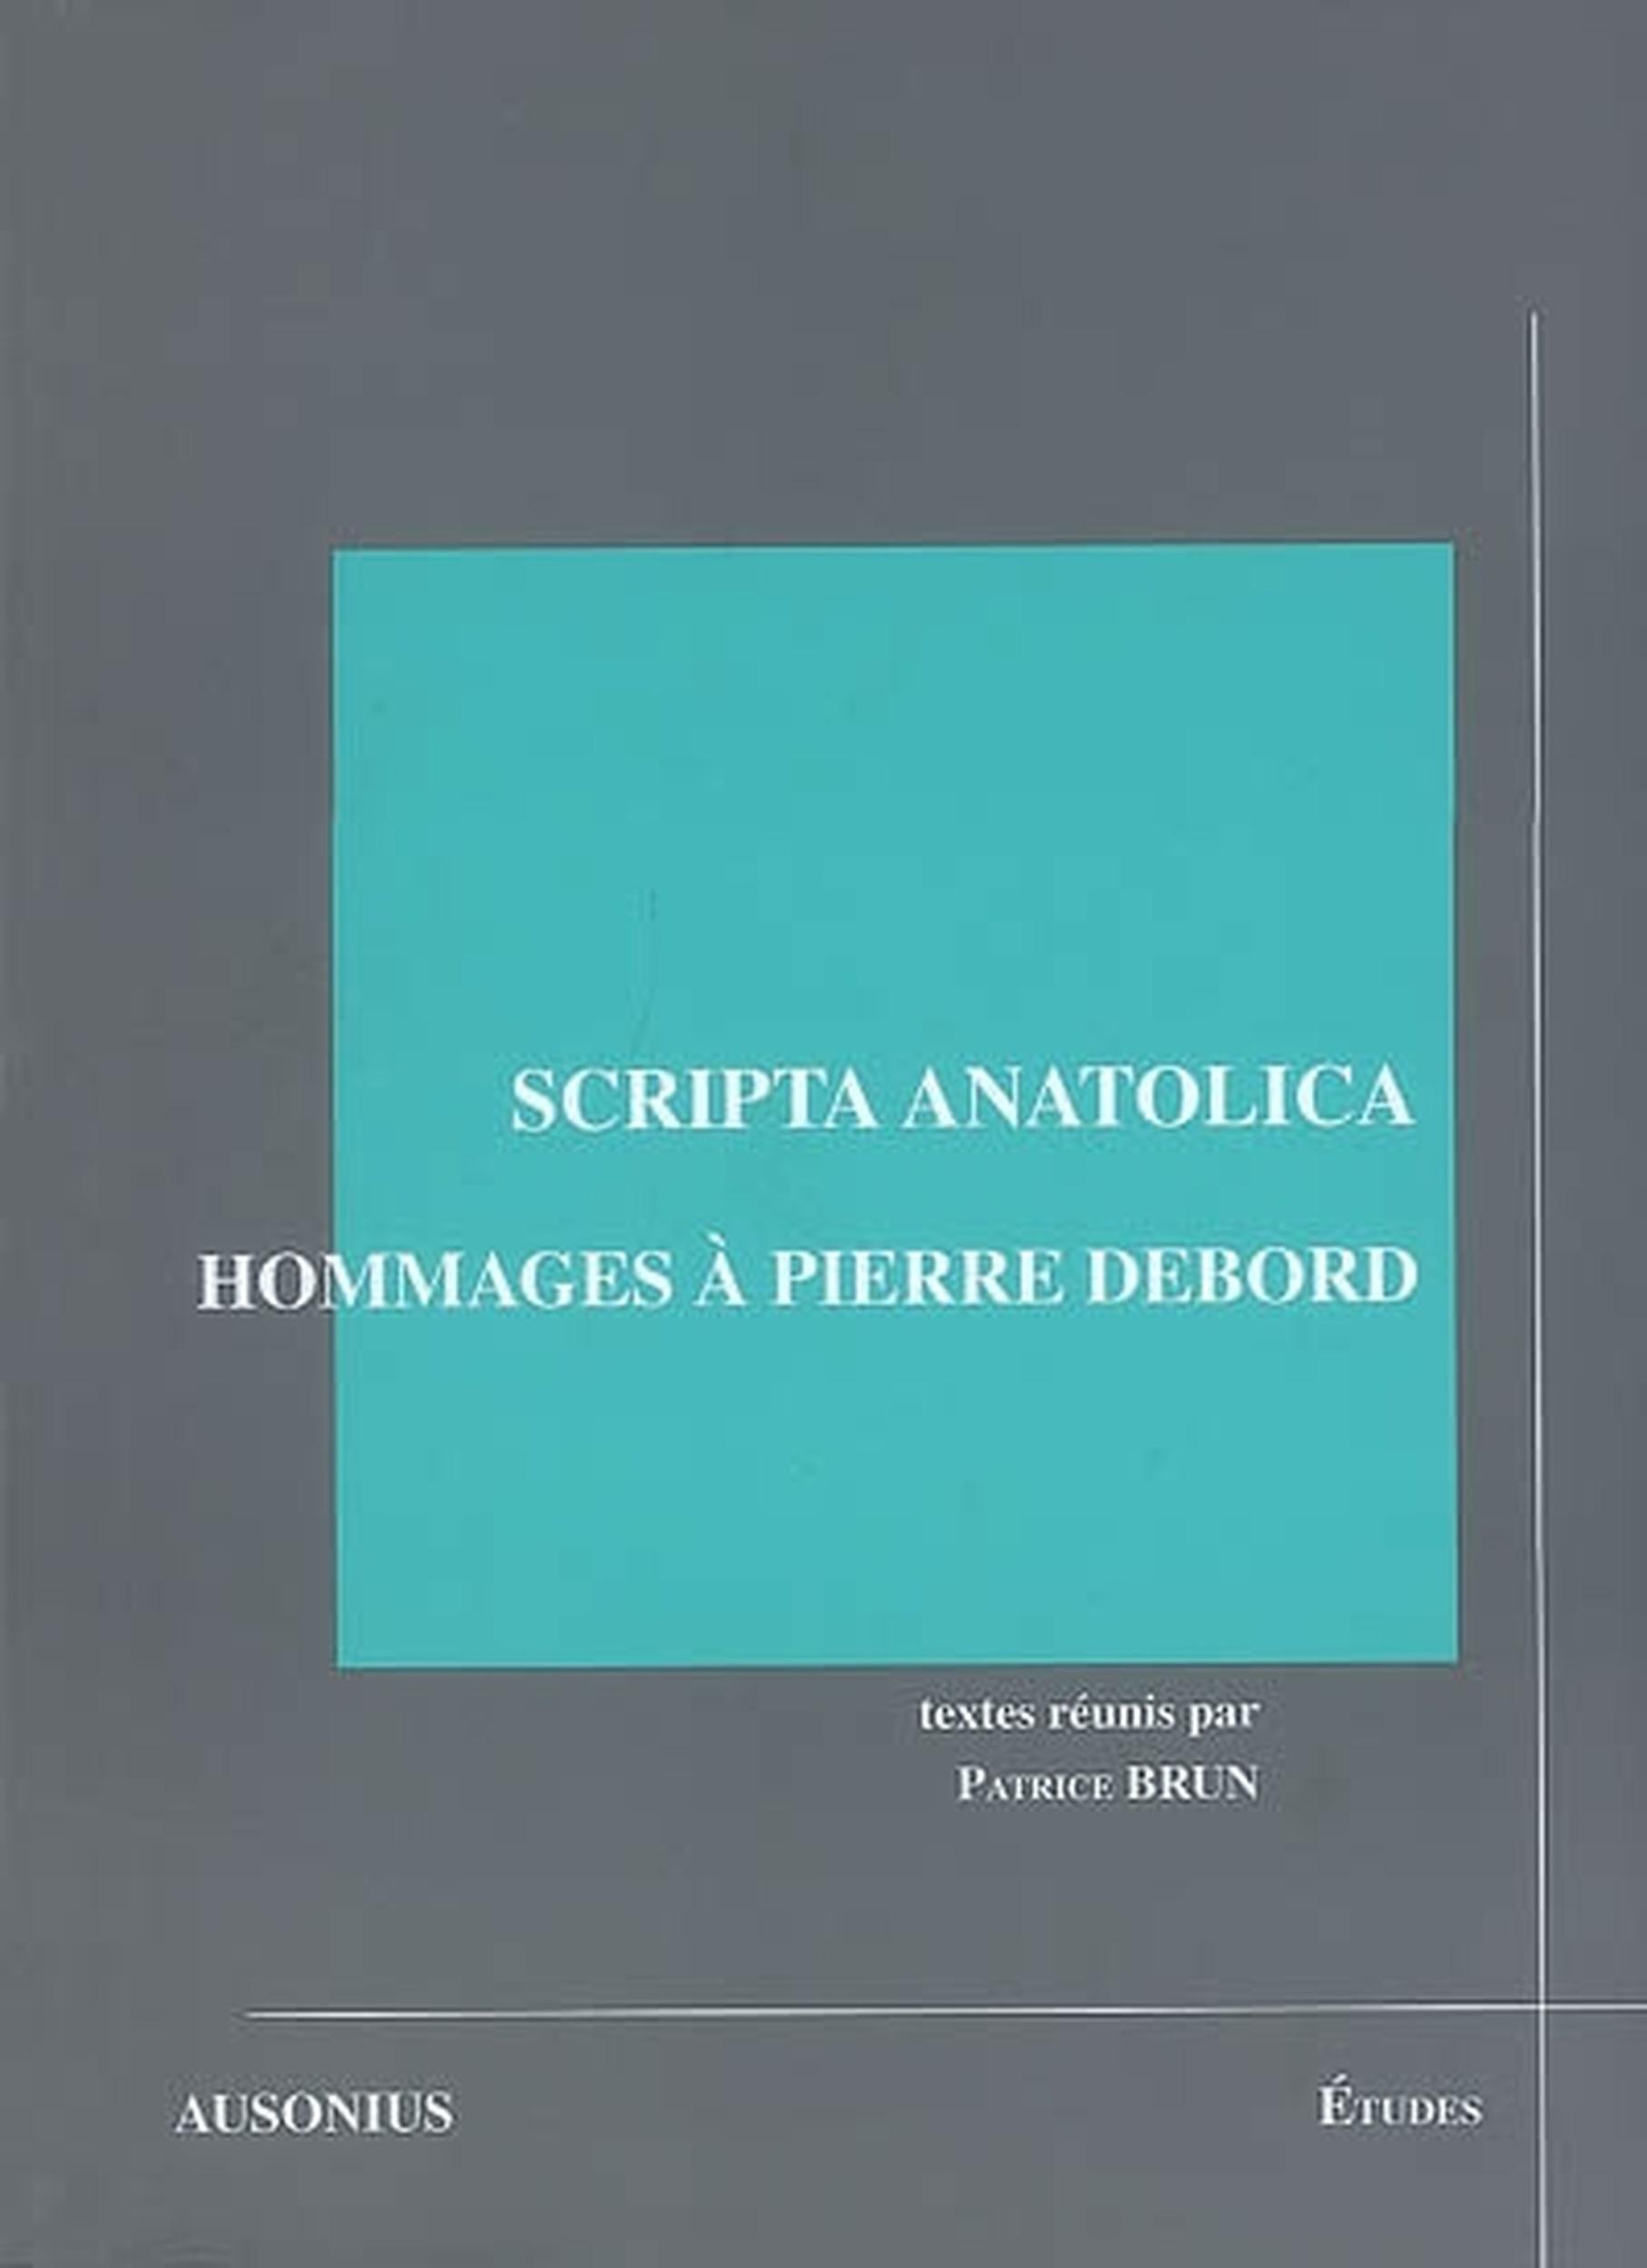 Scripta anatolica hommages a pierre debord